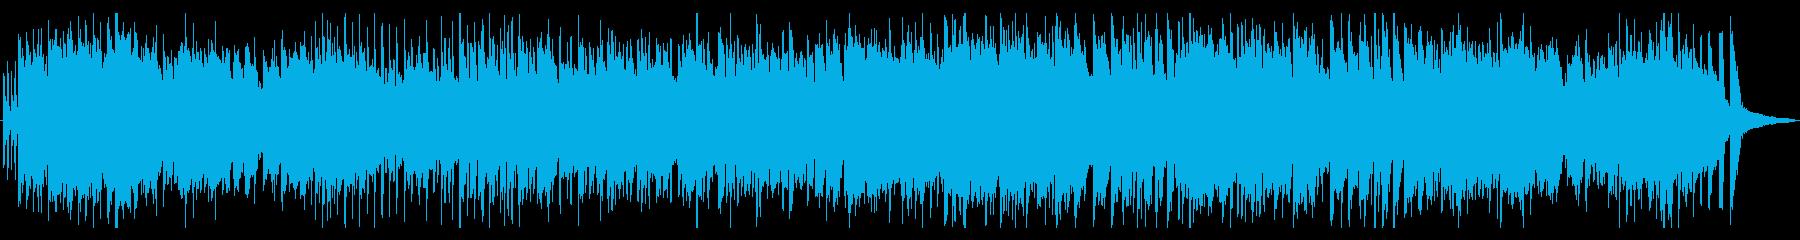 オープニングに元気なレトロポップスの再生済みの波形